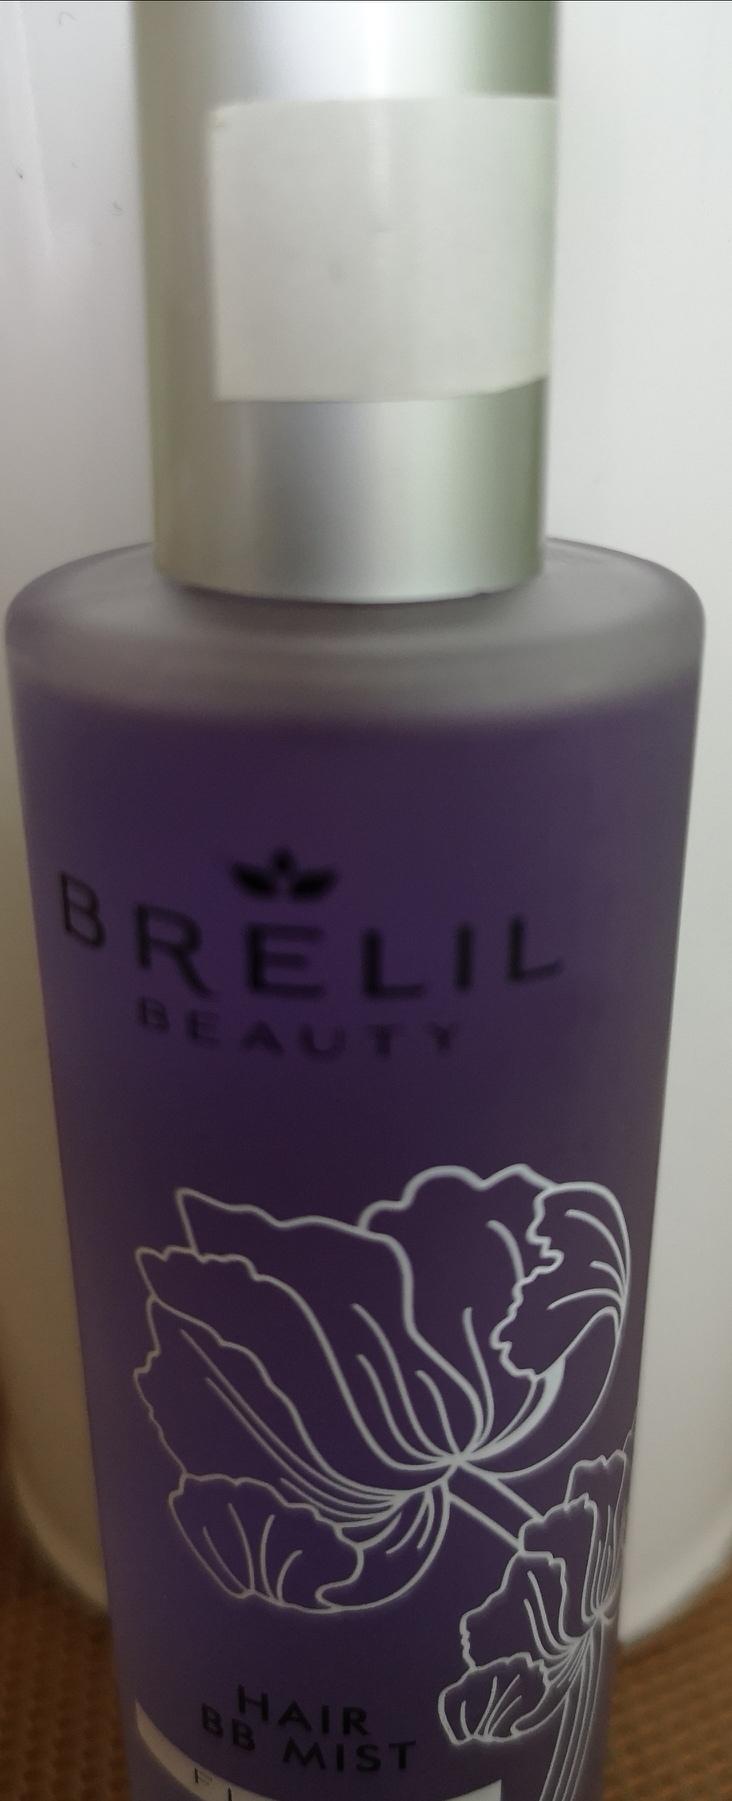 Brelisl